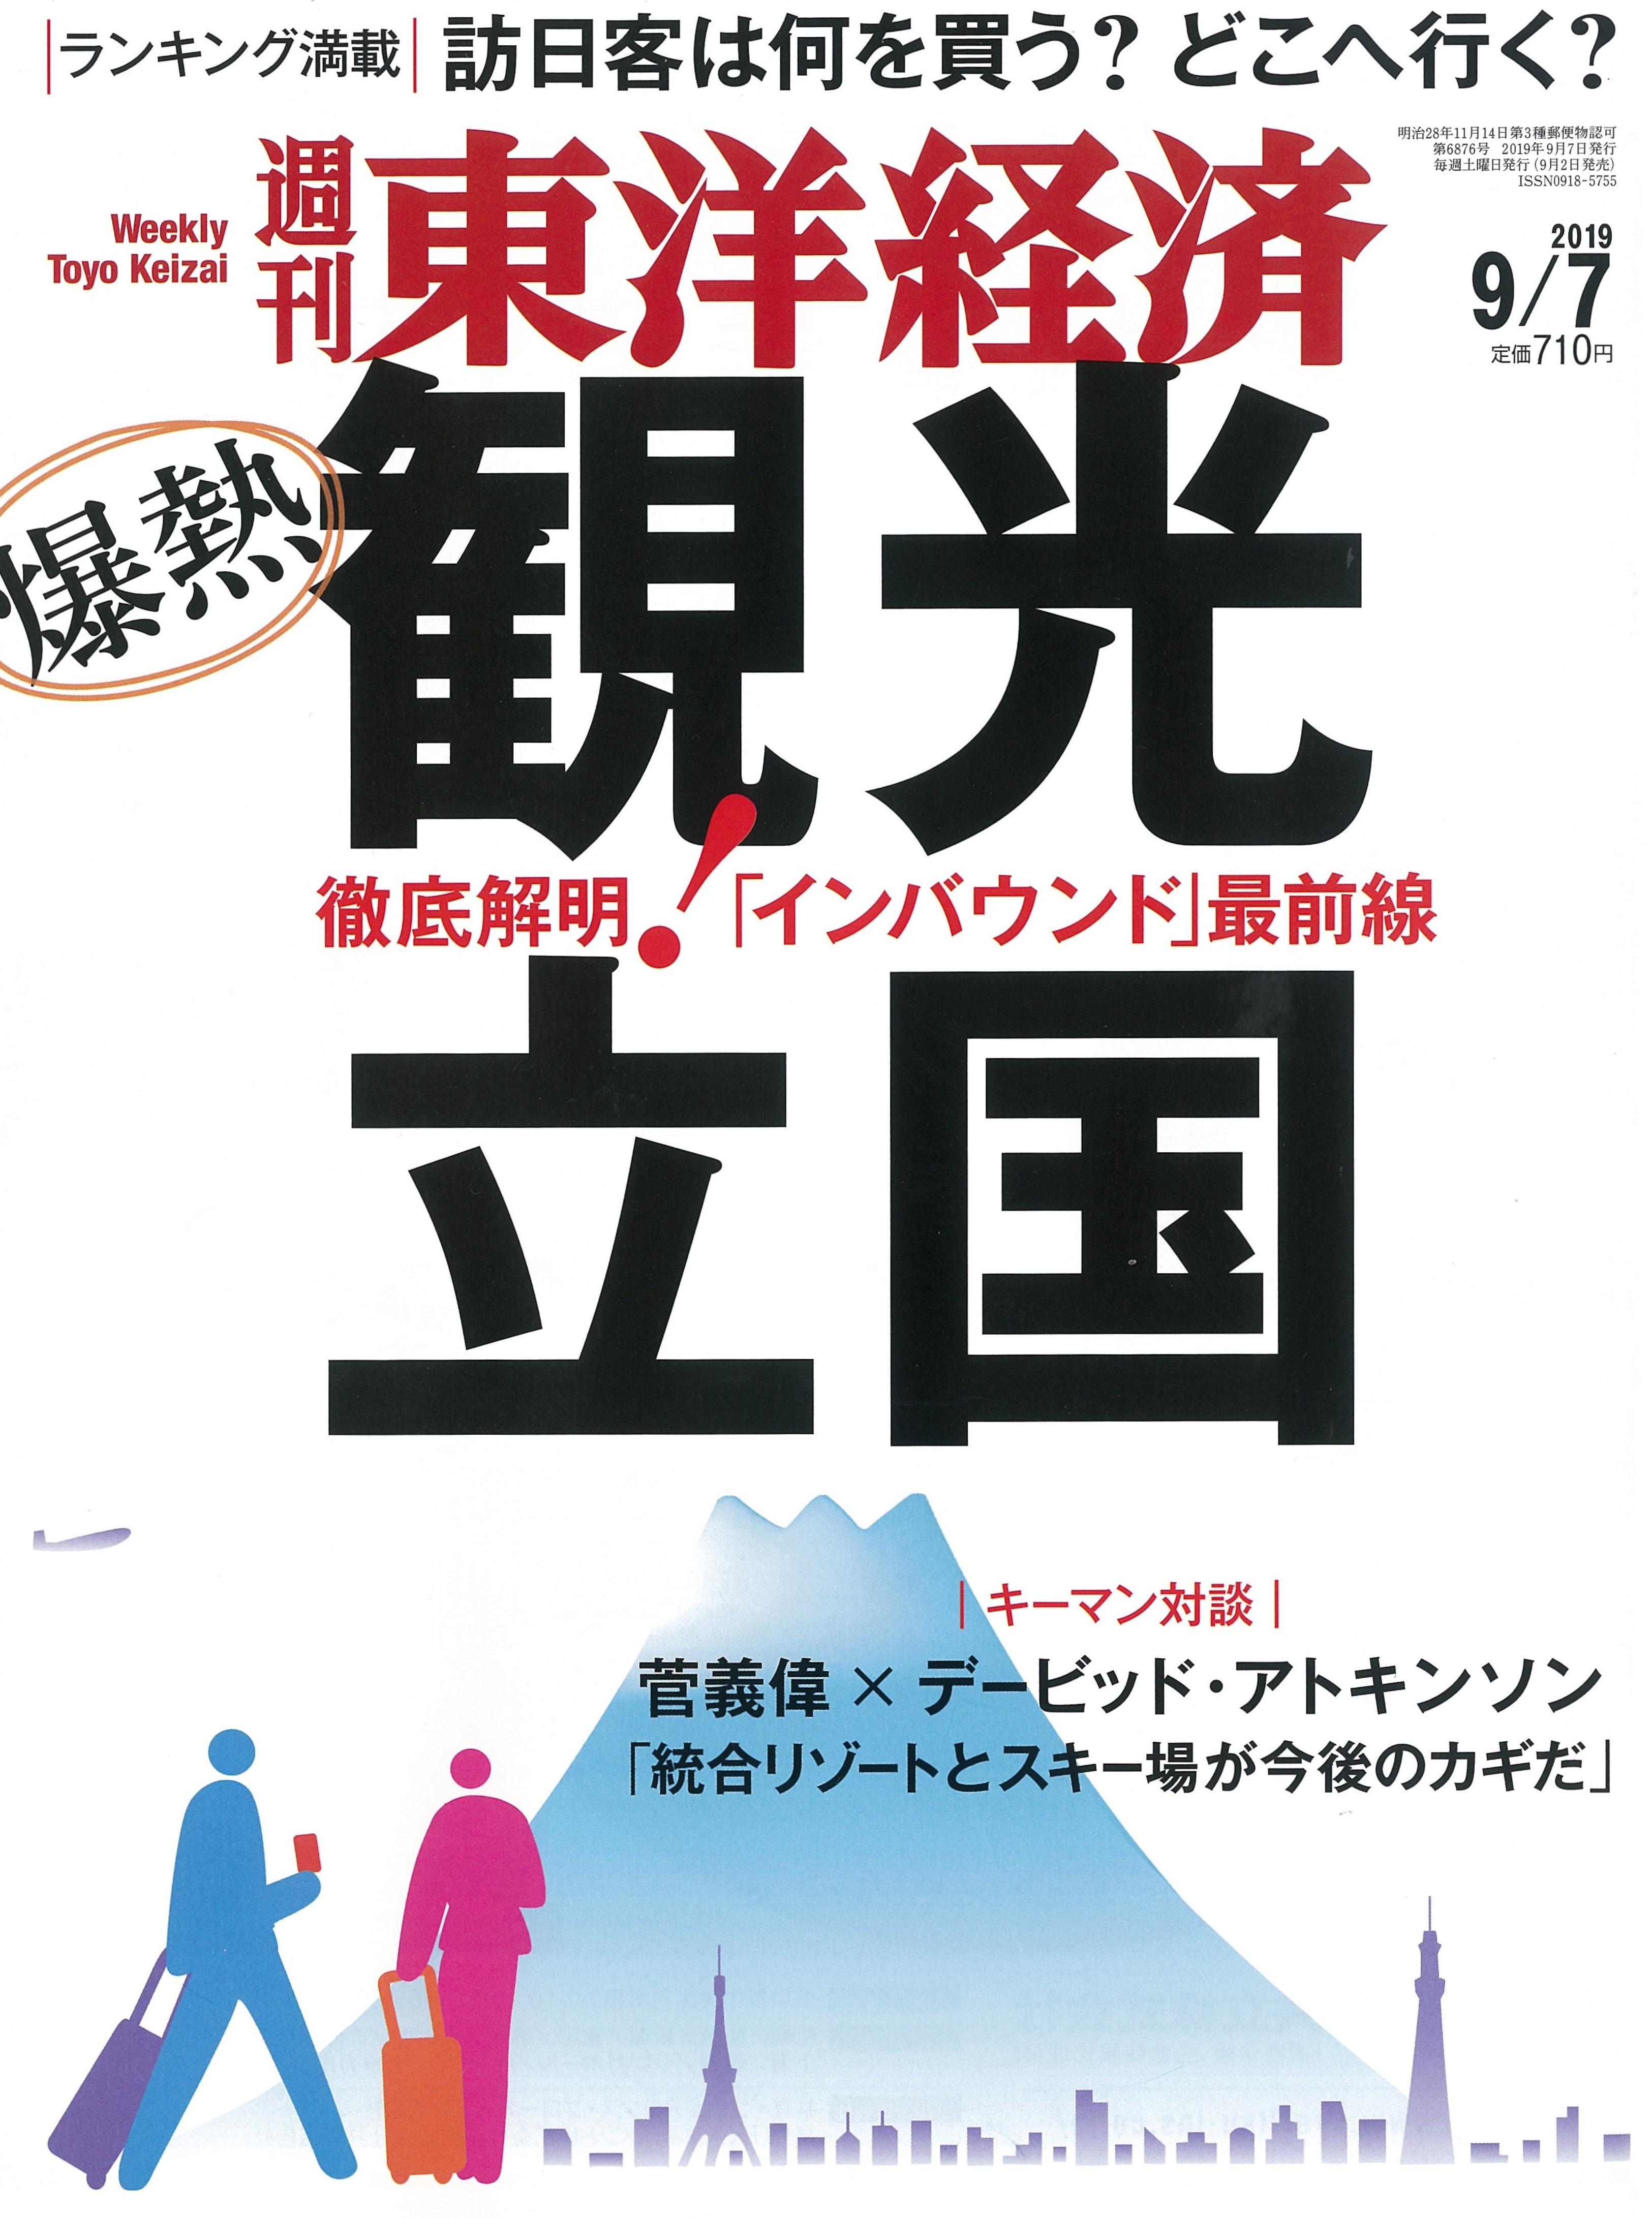 『週刊 東洋経済』インバウンド関連インタビュー記事掲載について